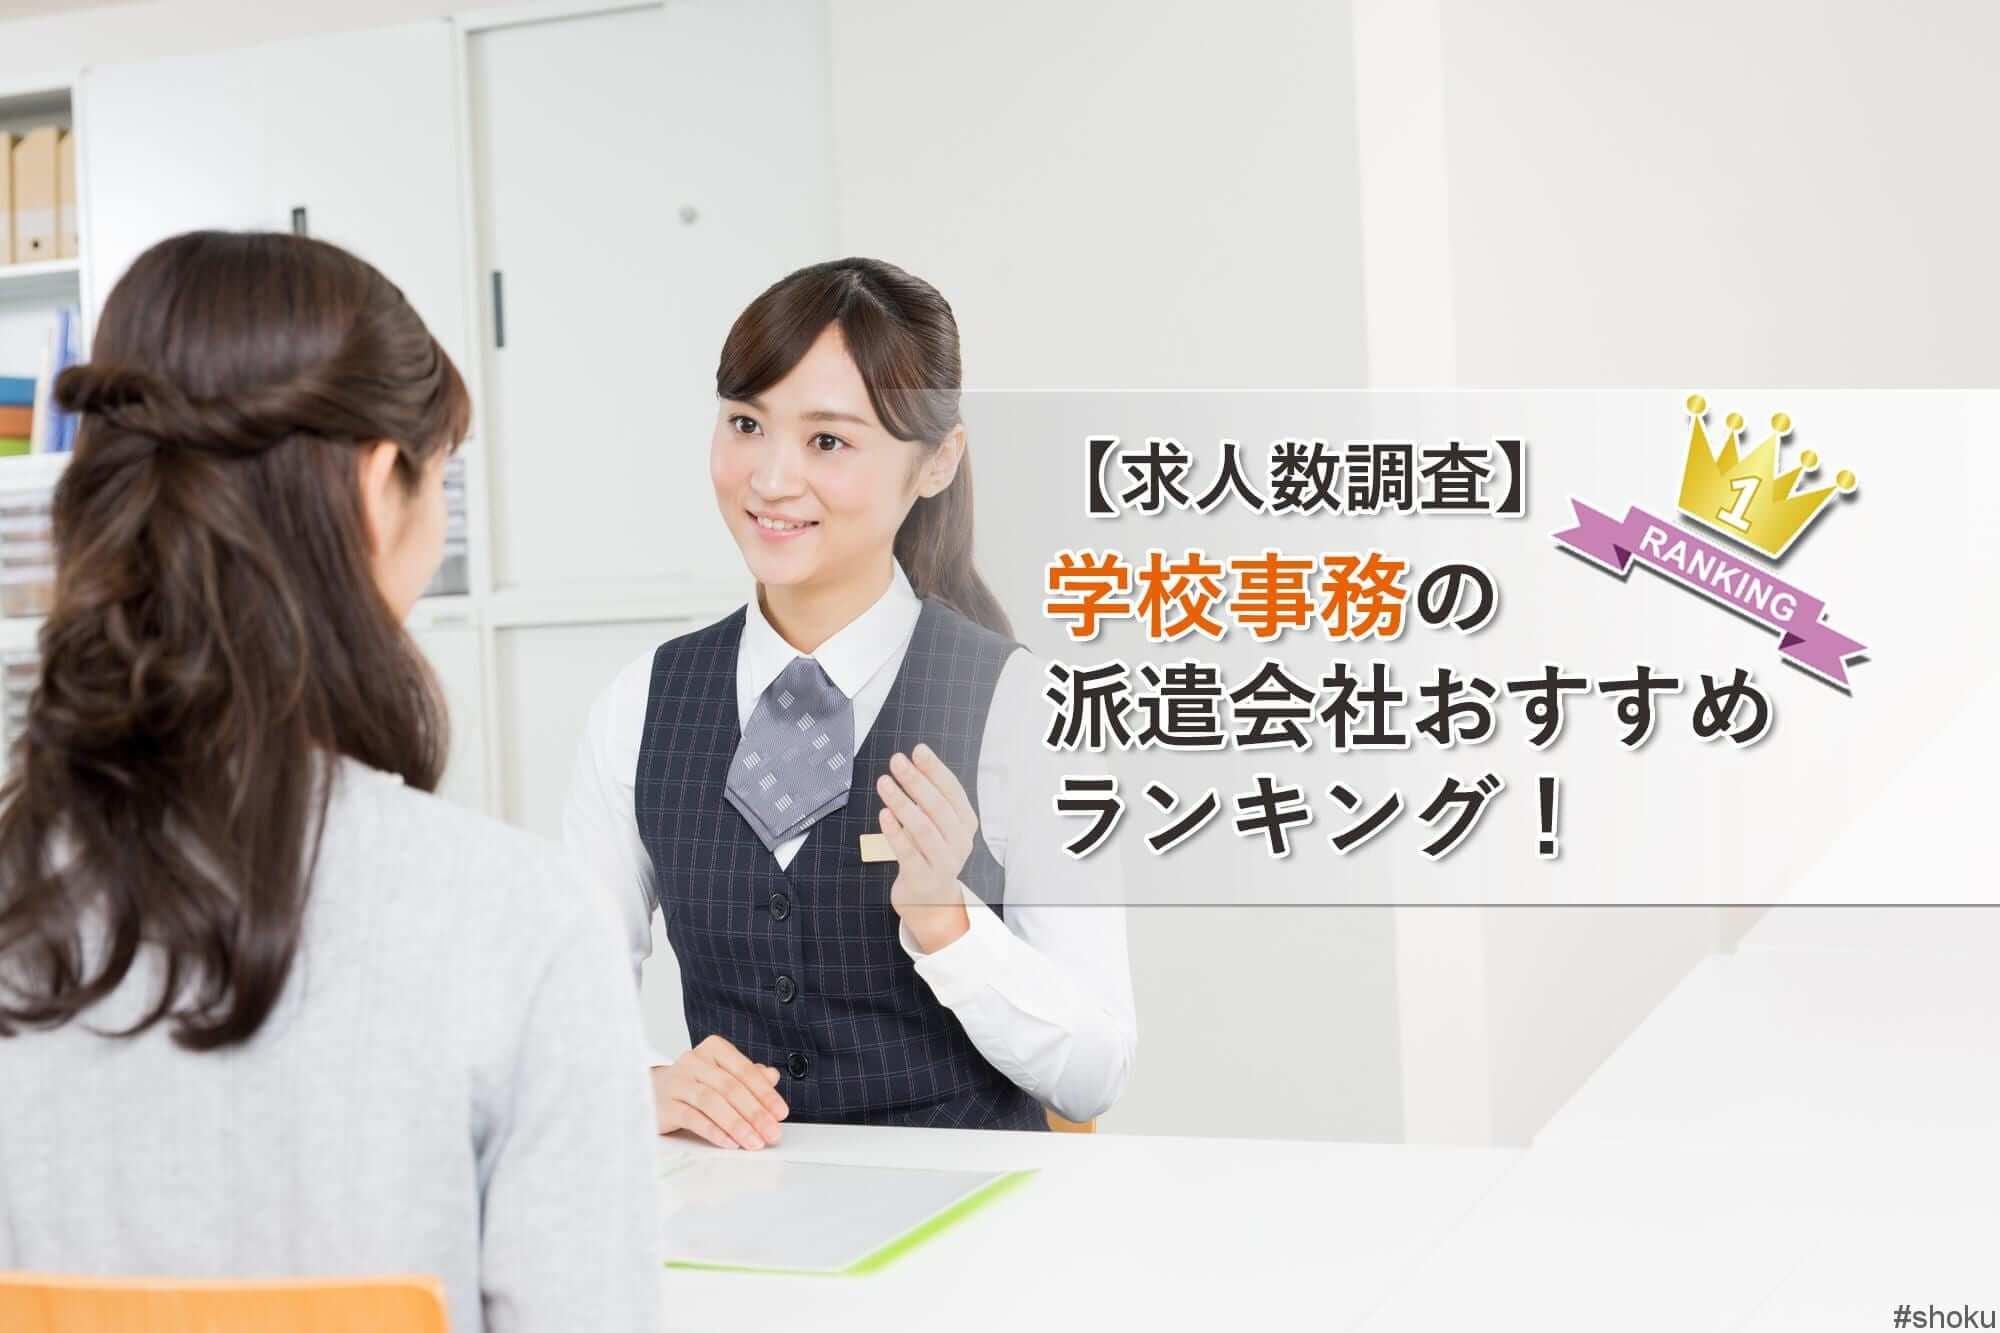 【求人数調査】学校事務の派遣会社おすすめランキング!